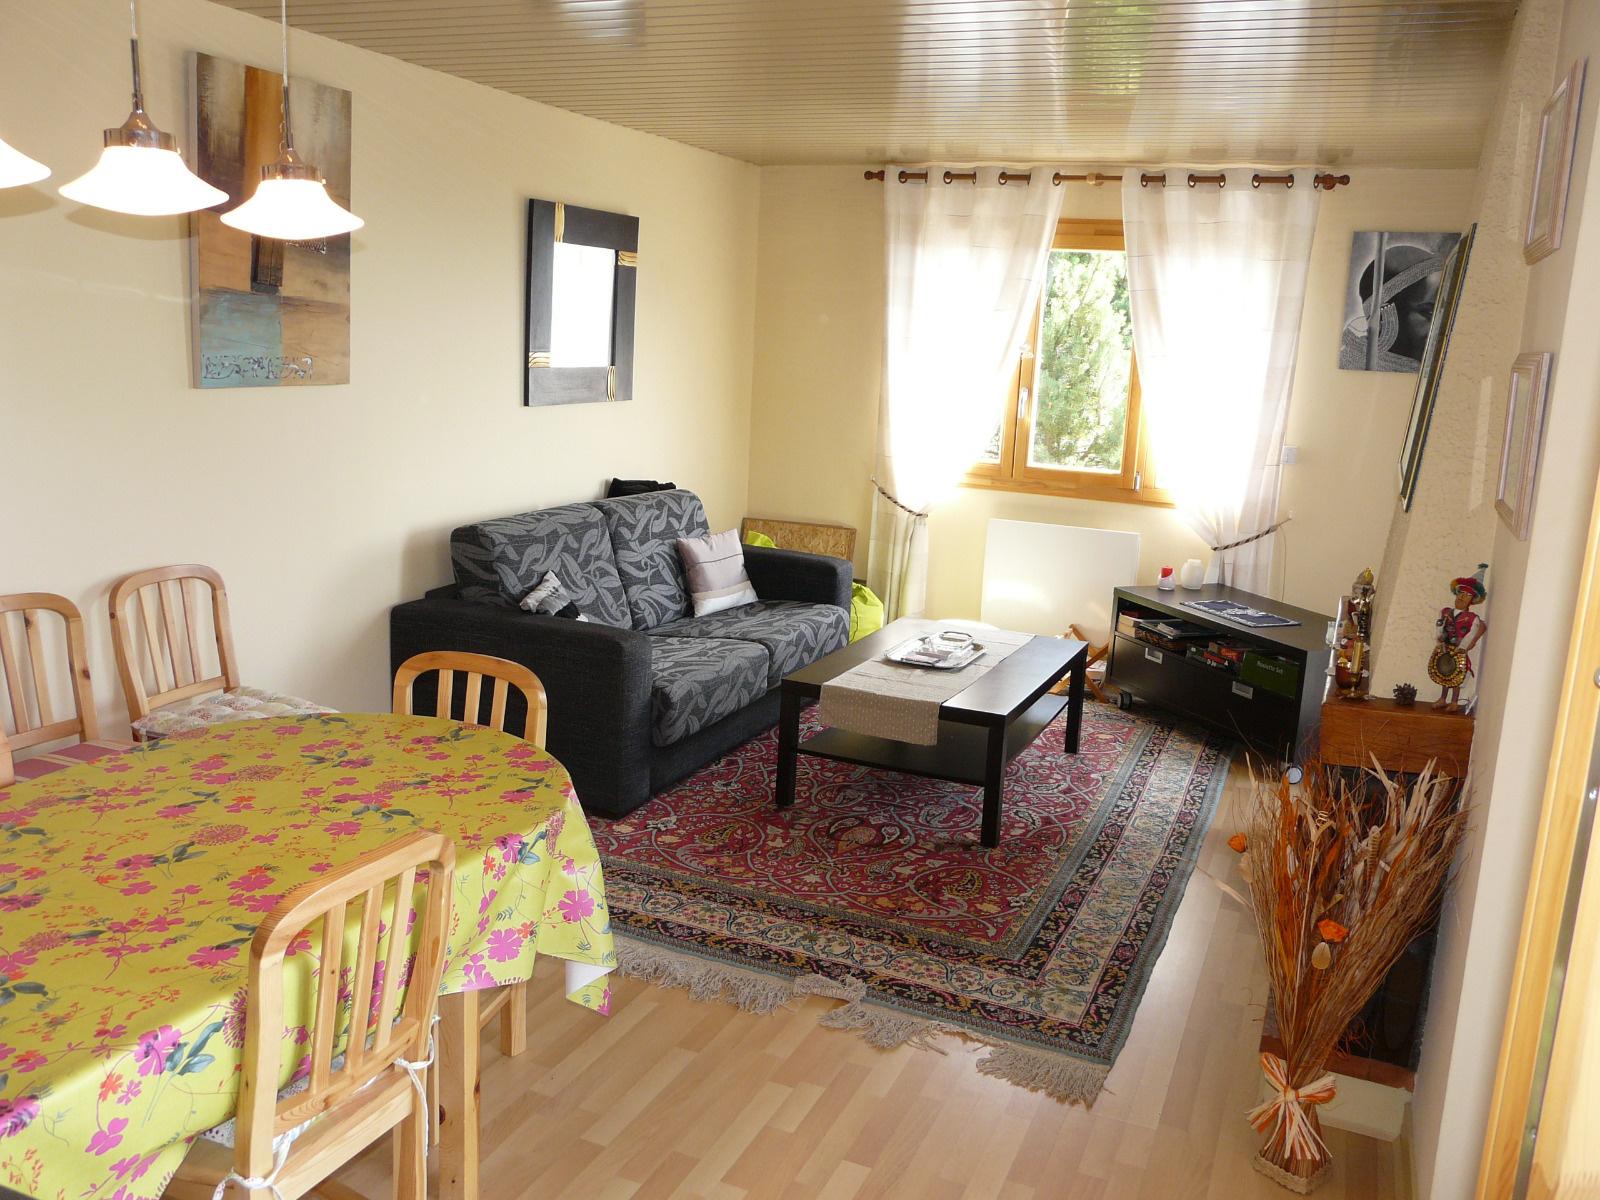 Location egat appartement dans maison expos plein sud for Appartement dans maison